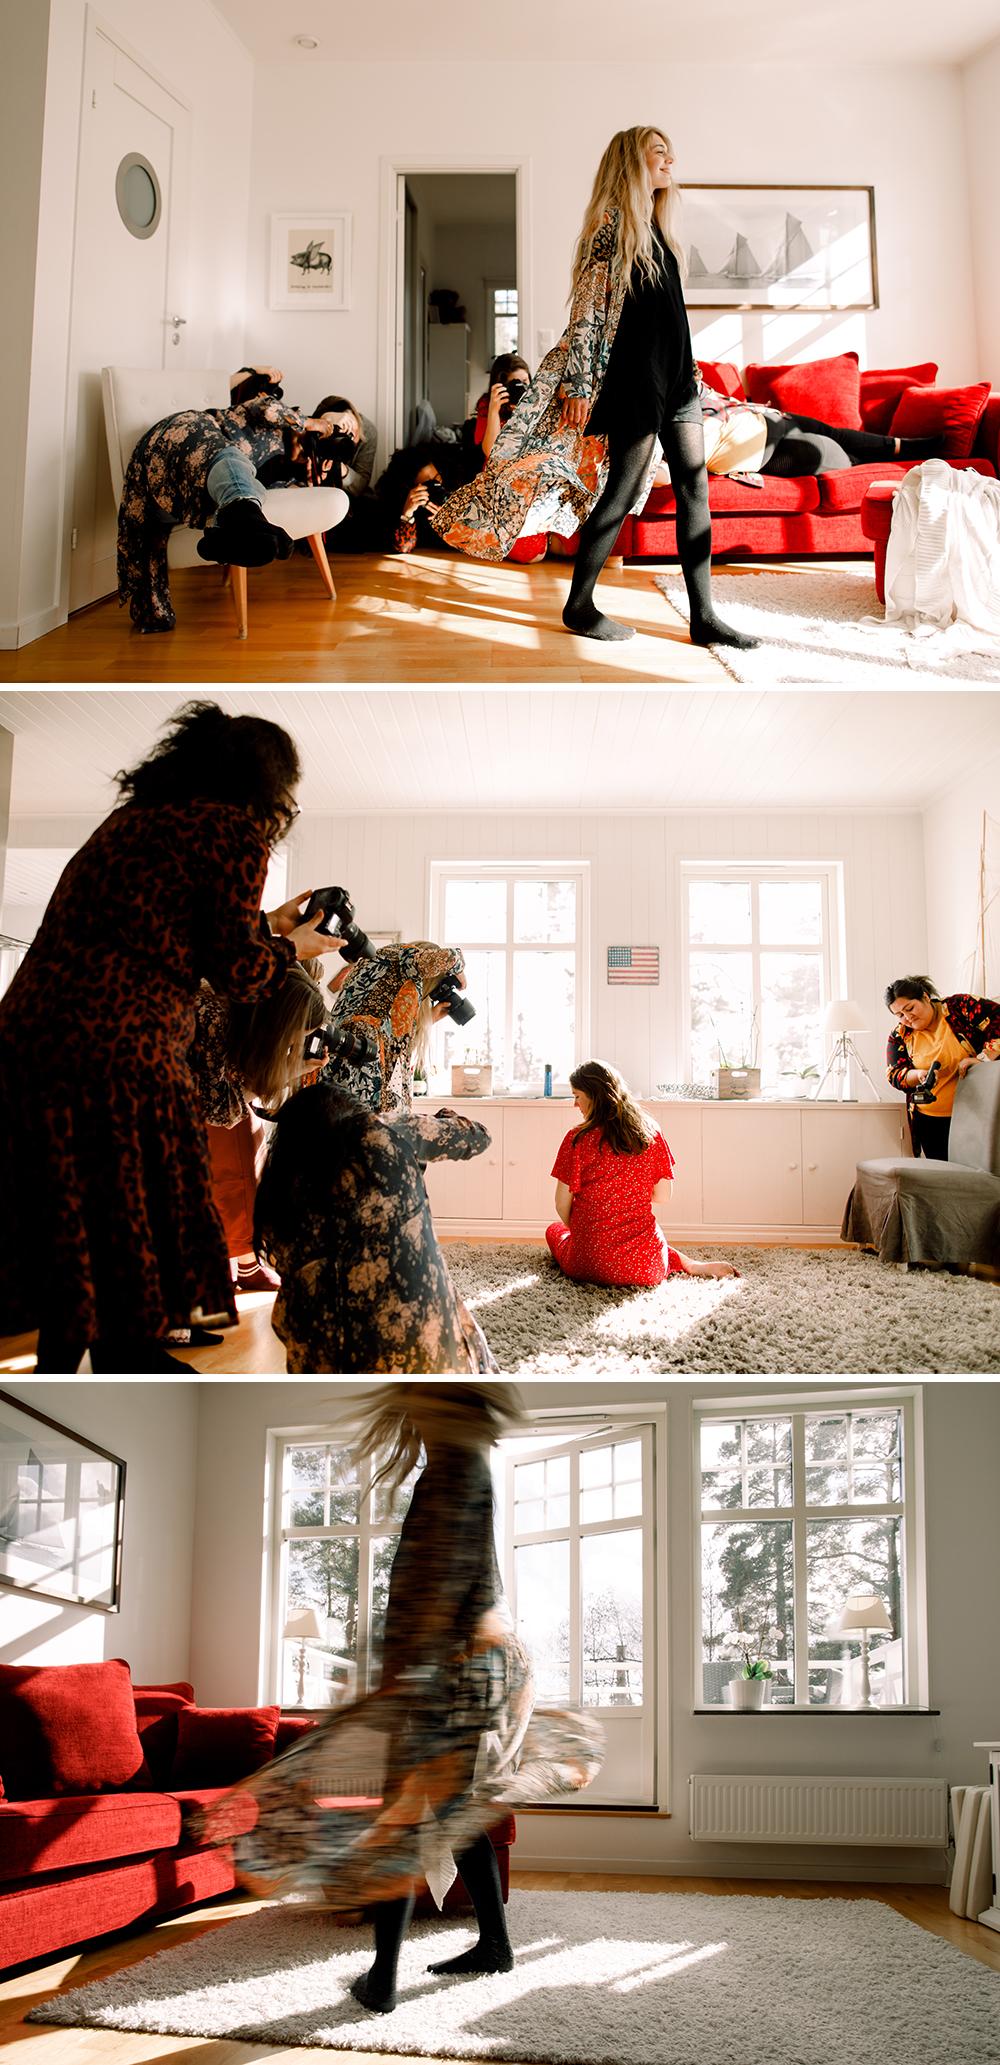 Familjefotograf_Stockholm_Anna-Sandstrom_Lifestyleworkshop_3.jpg